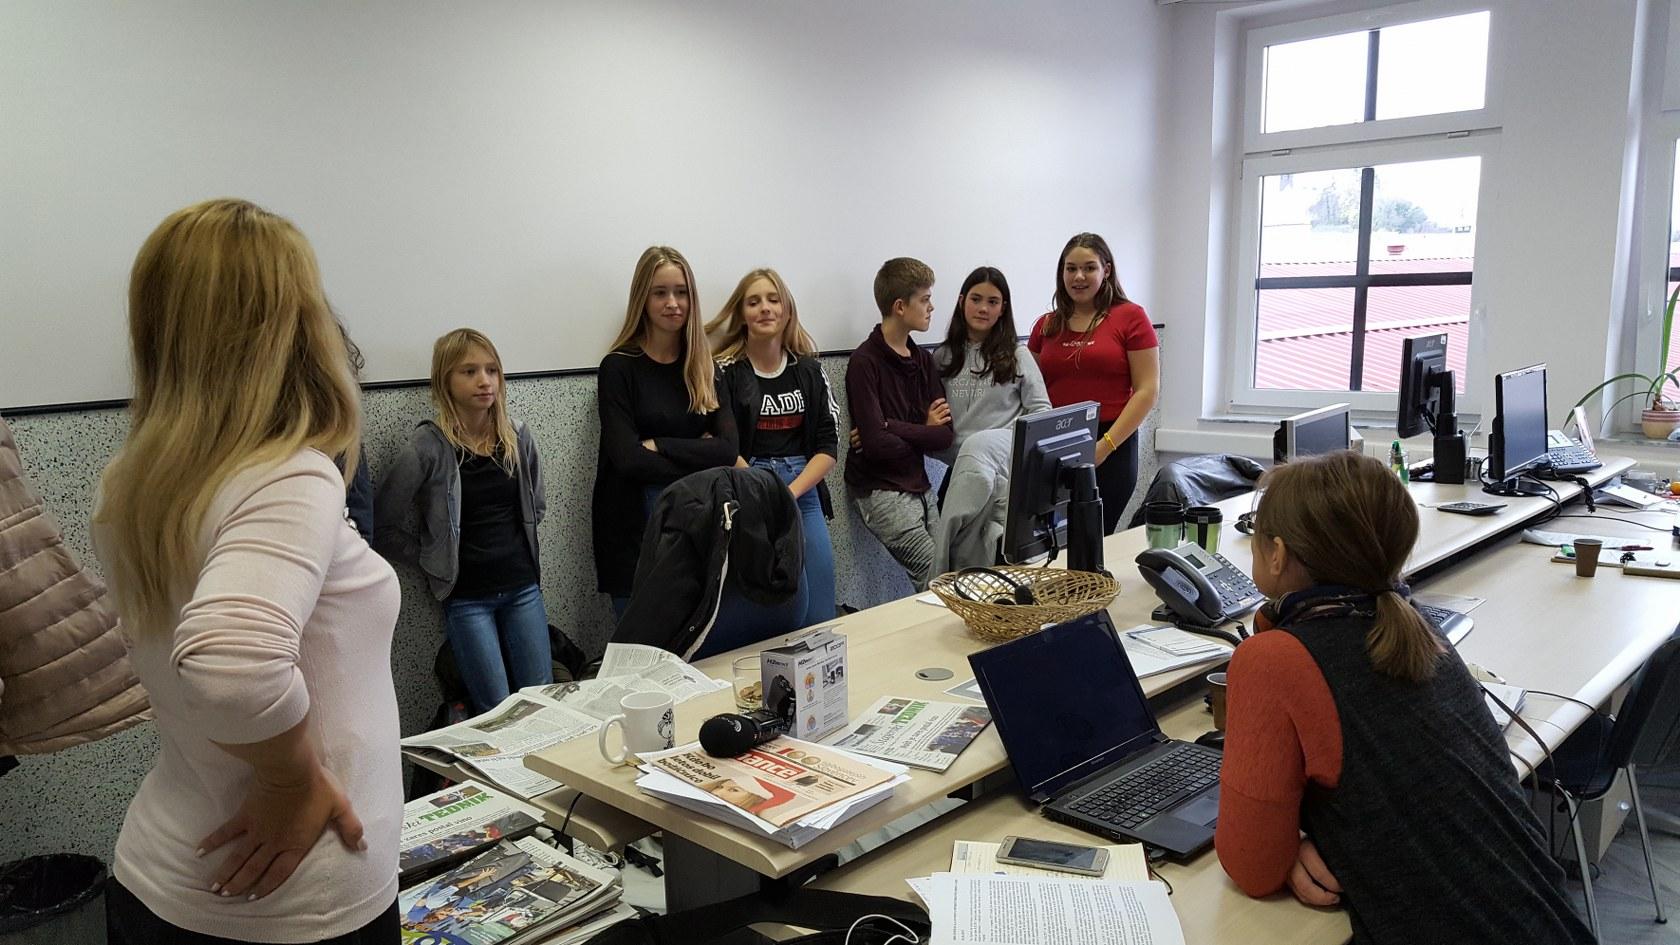 obisk-radia-tednik-ptuj-novinar-2_1680x945